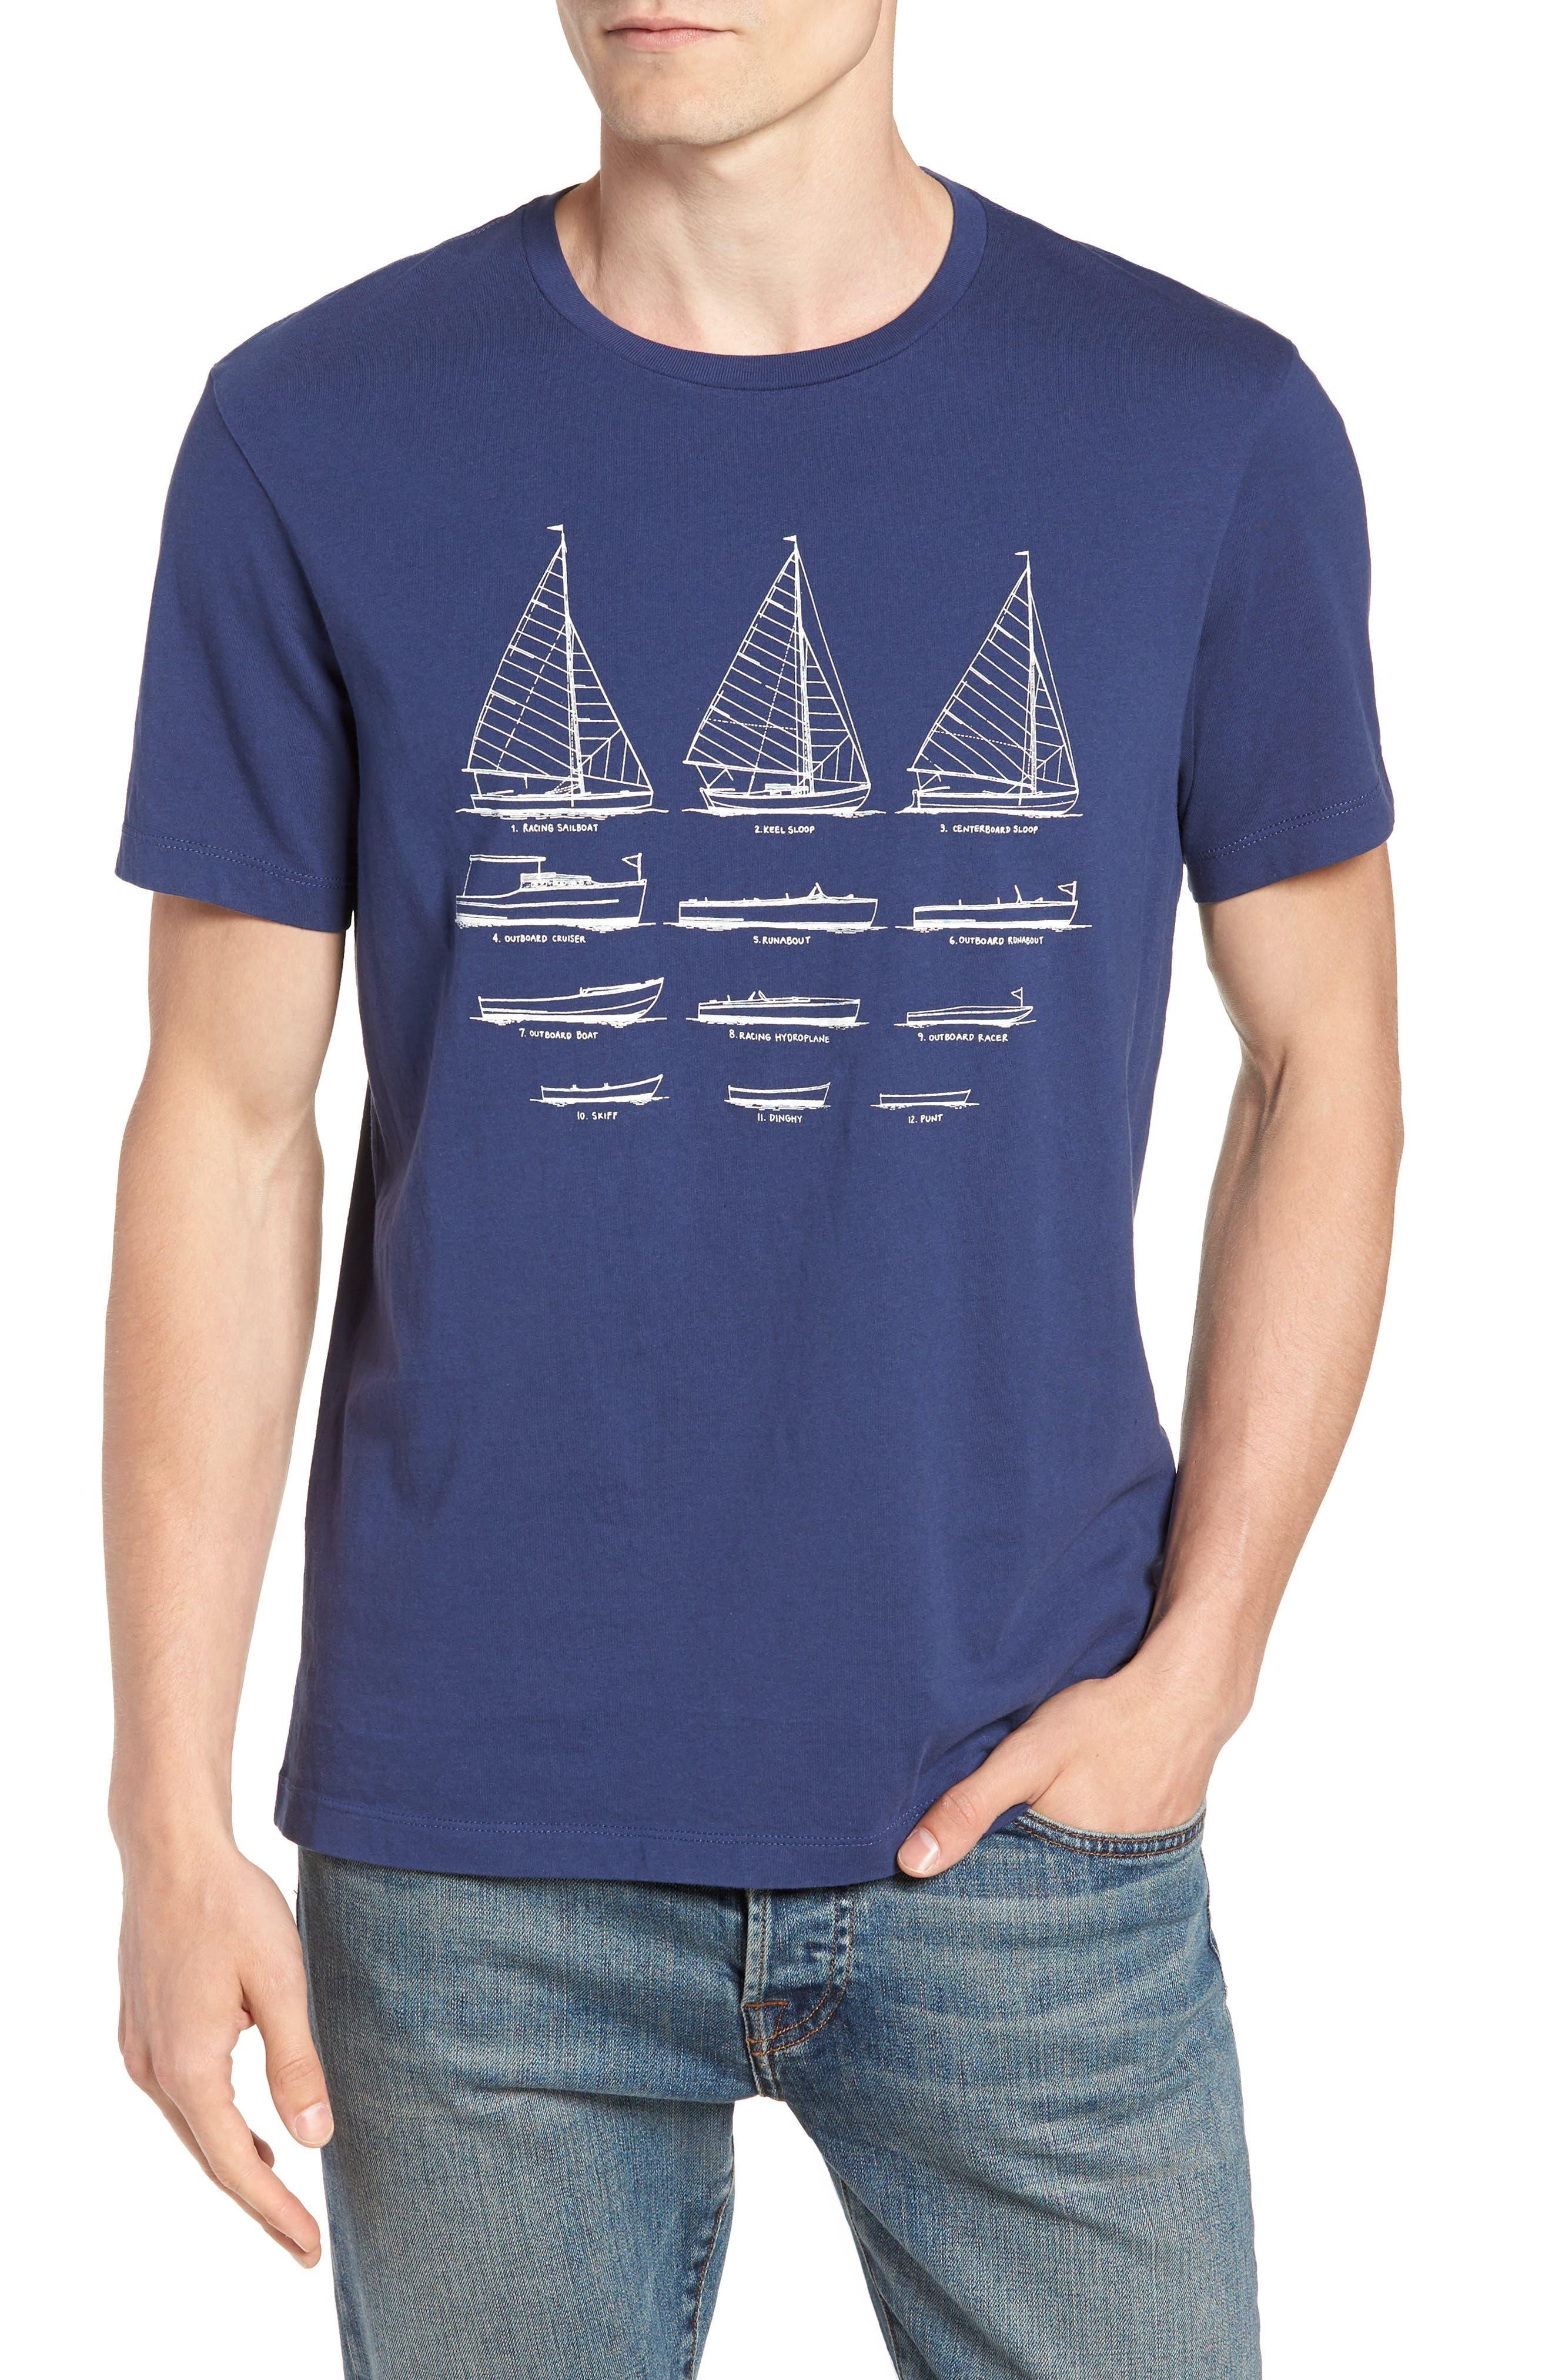 Mercantile Sailboat Graphic T-Shirt,                             Main thumbnail 1, color,                             400